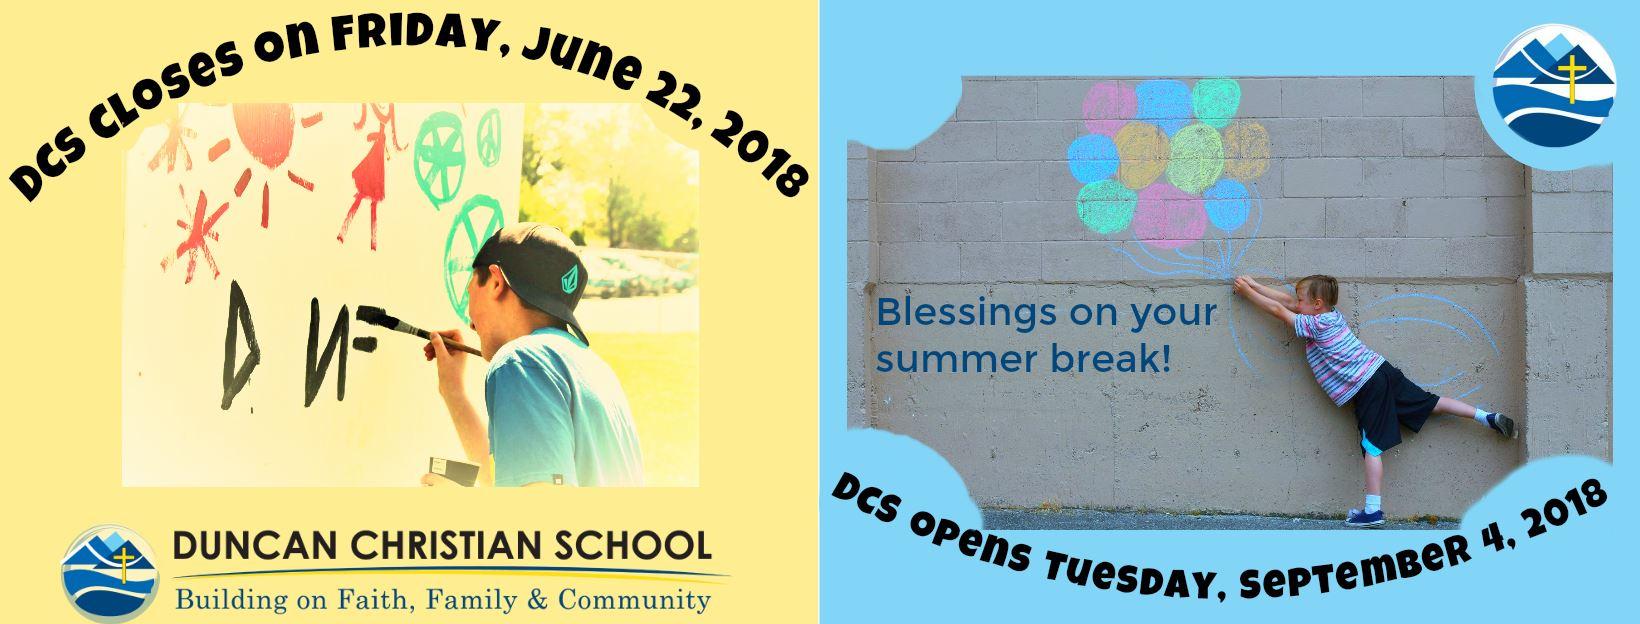 Summer Break – June 22 – Sept 4